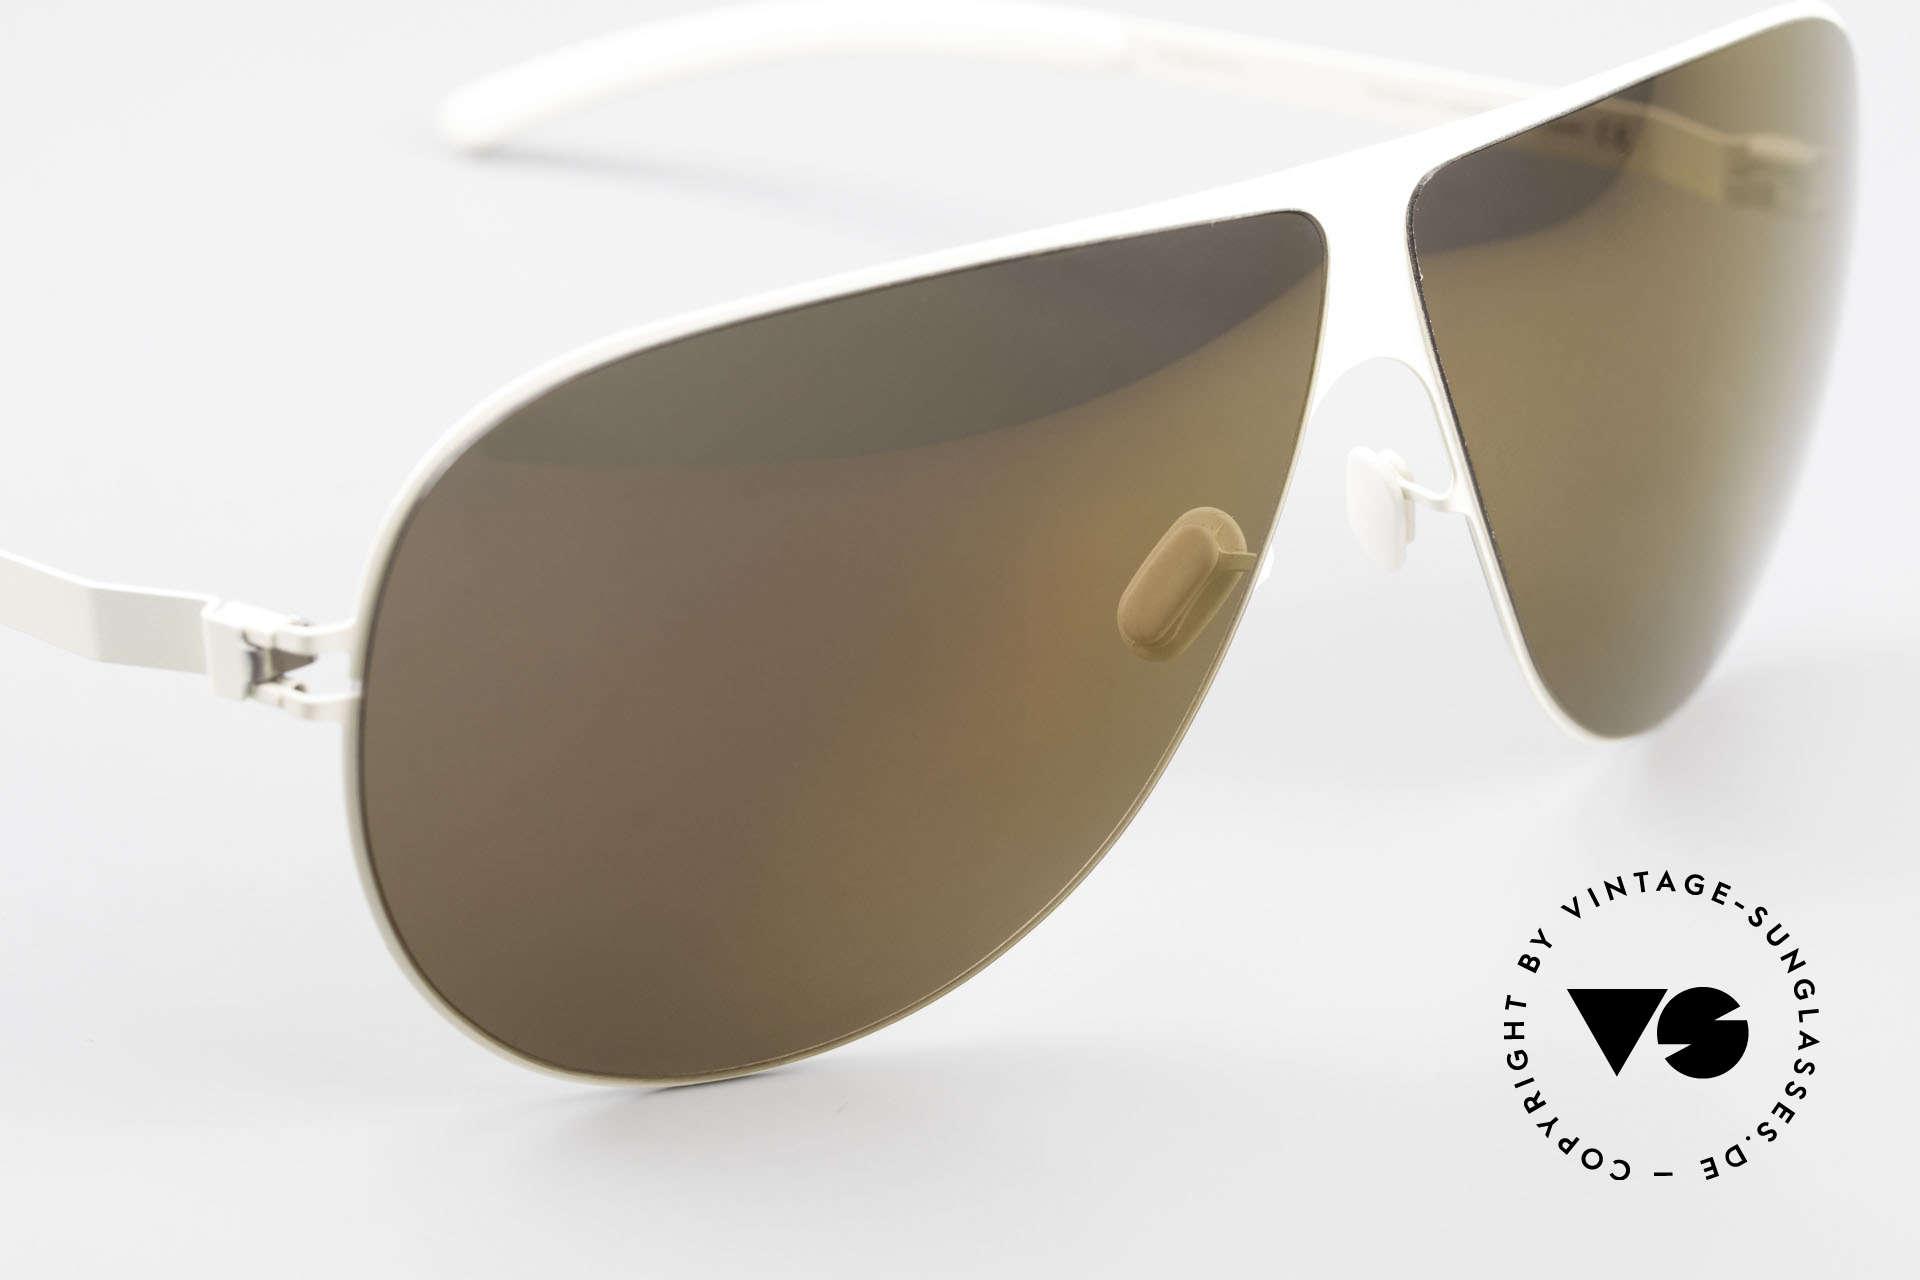 Mykita Elliot Tom Cruise Mykita Sonnenbrille, entspiegelte sowie halbverspiegelte Zeiss Sonnengläser!, Passend für Herren